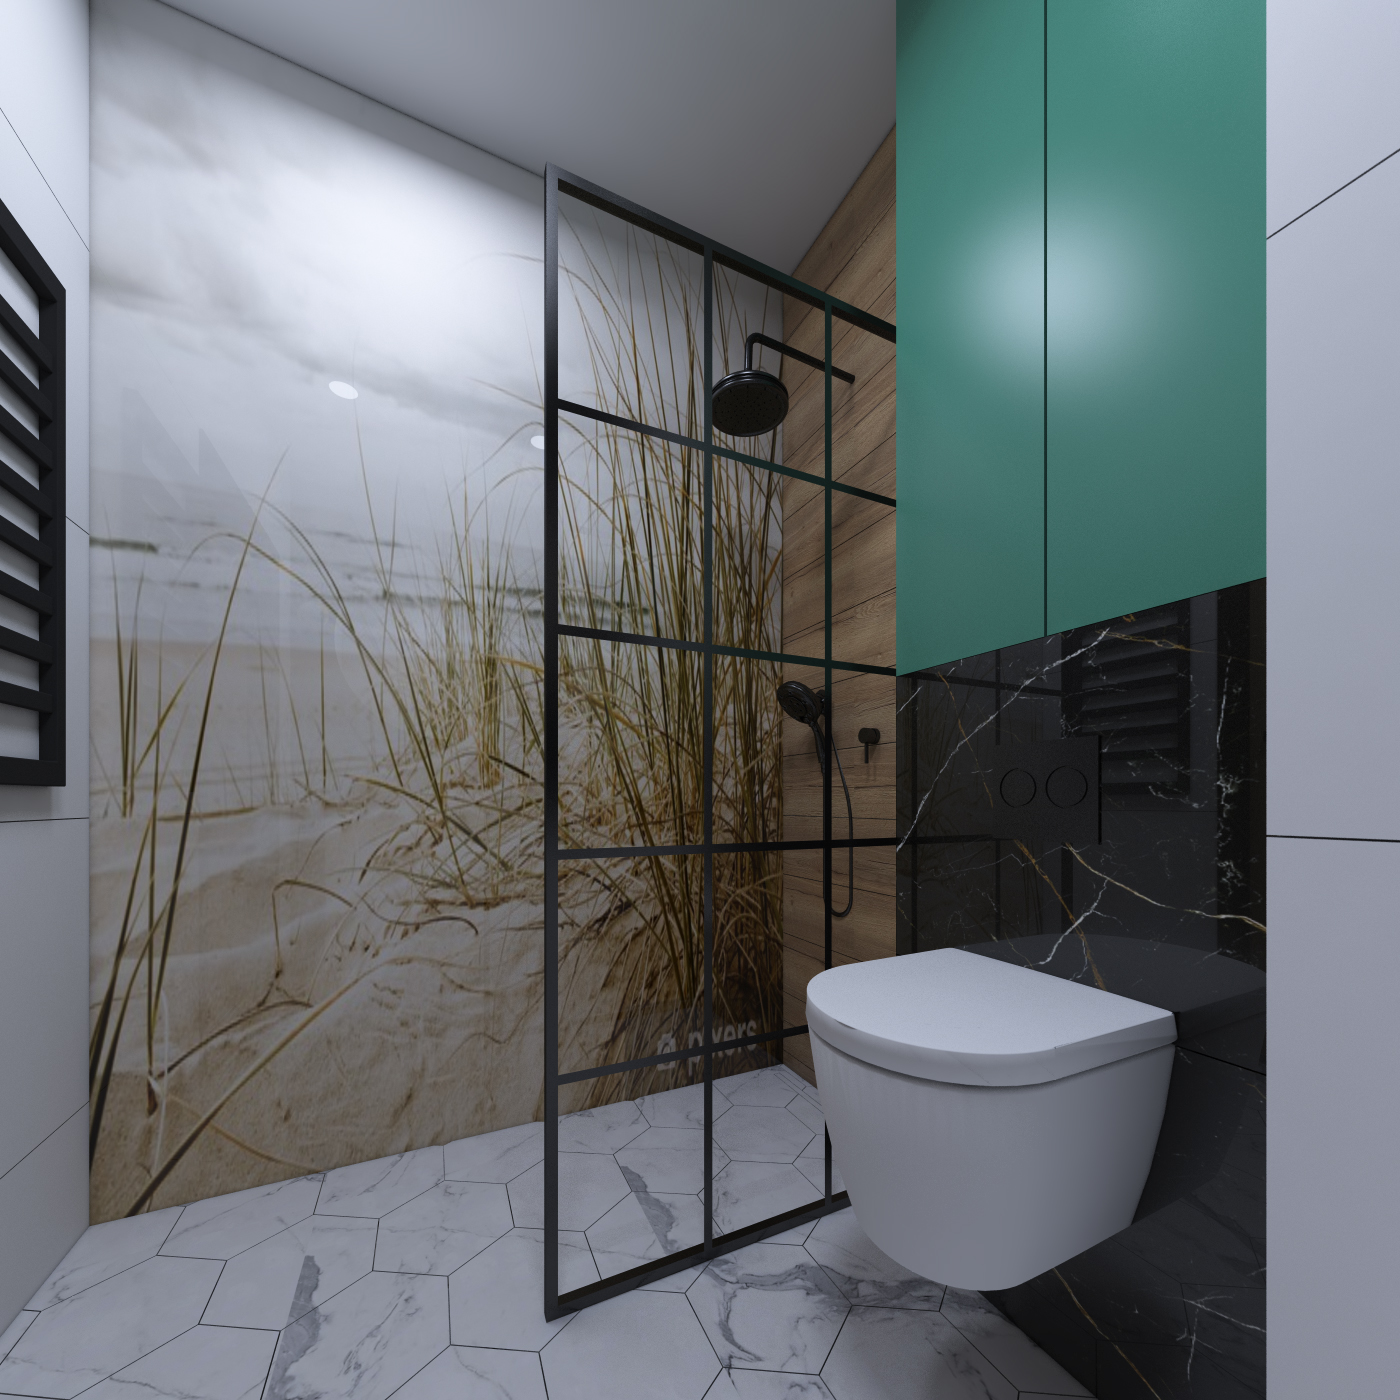 łazienka z grafiką